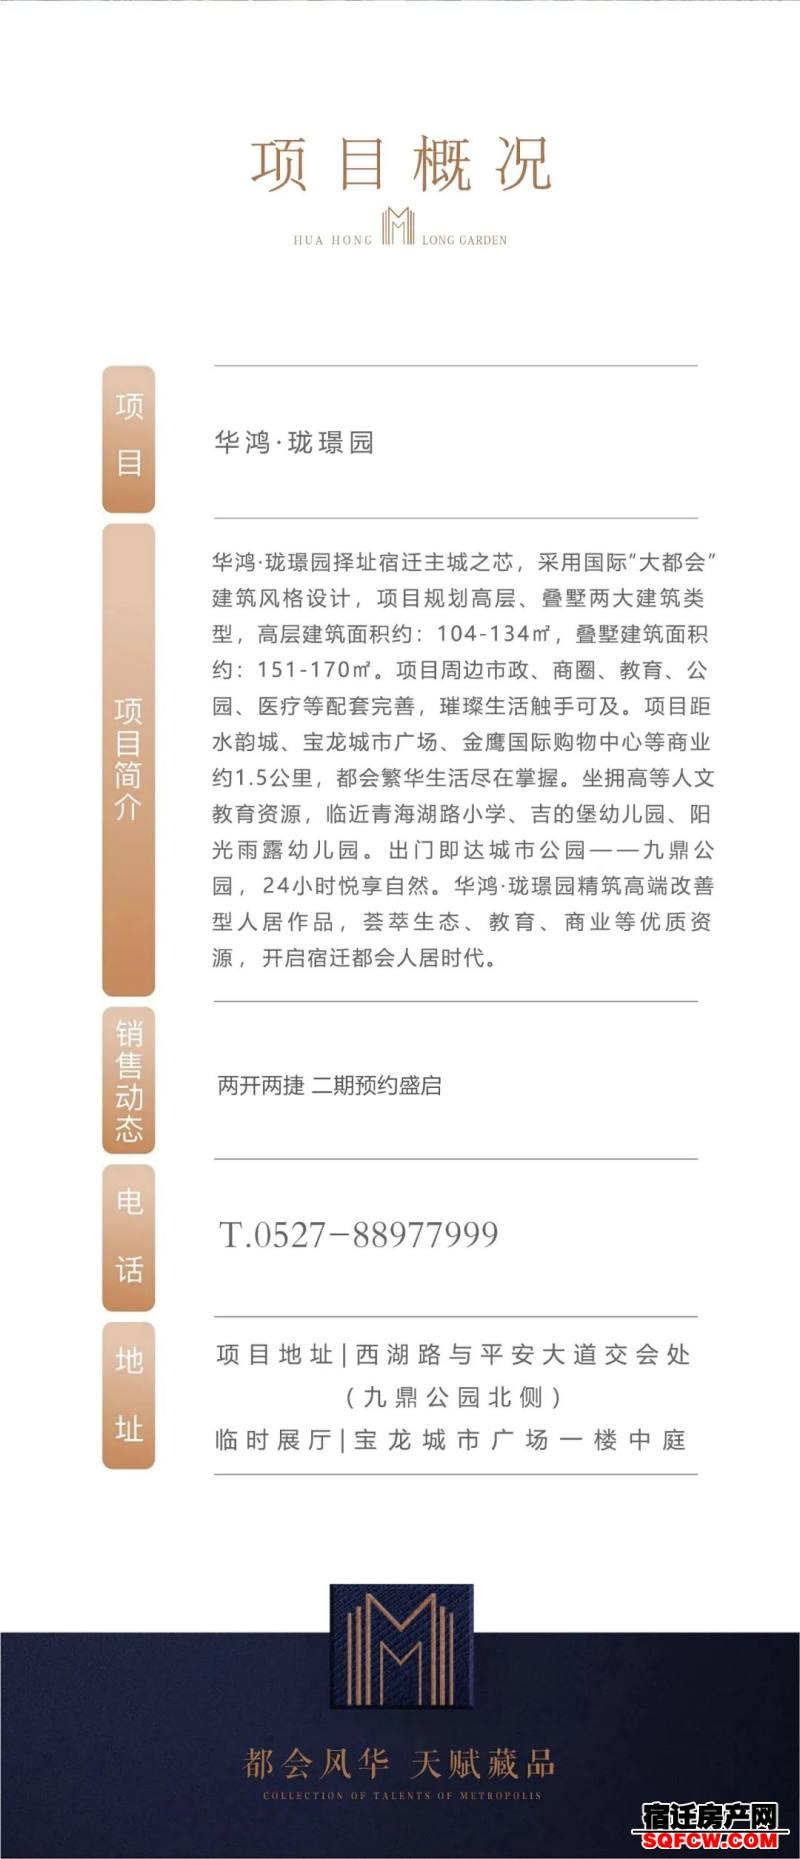 当红不让!华鸿·珑璟园两开两捷,7#开得胜销傲全城!(图37)